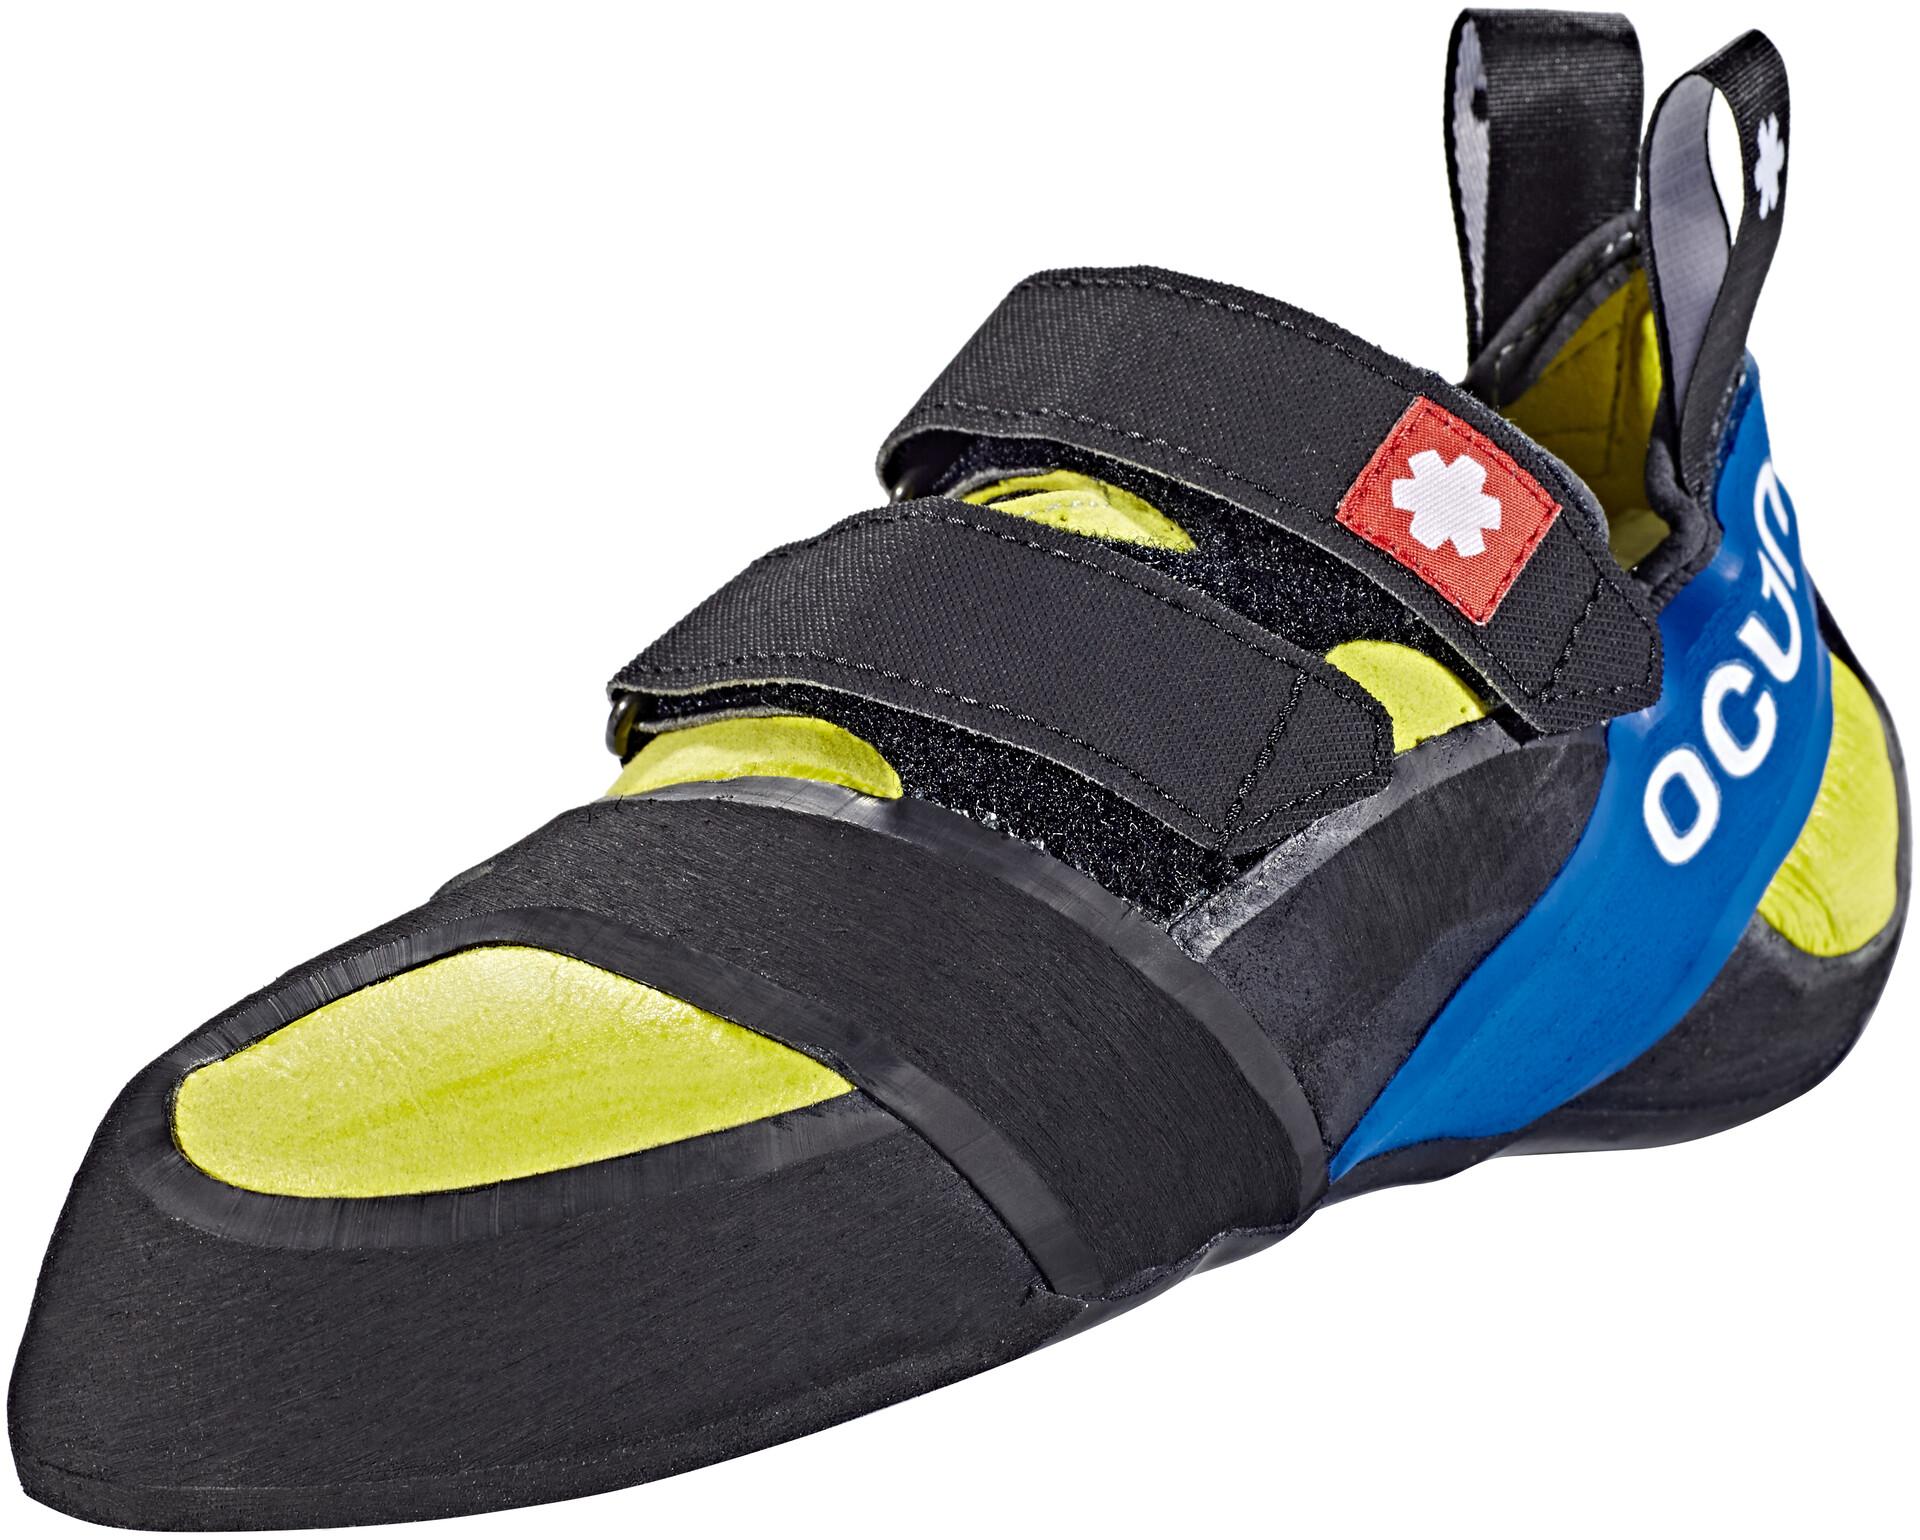 Ocun Klettergurt Mammut : Ocun ozone climbing shoes campz